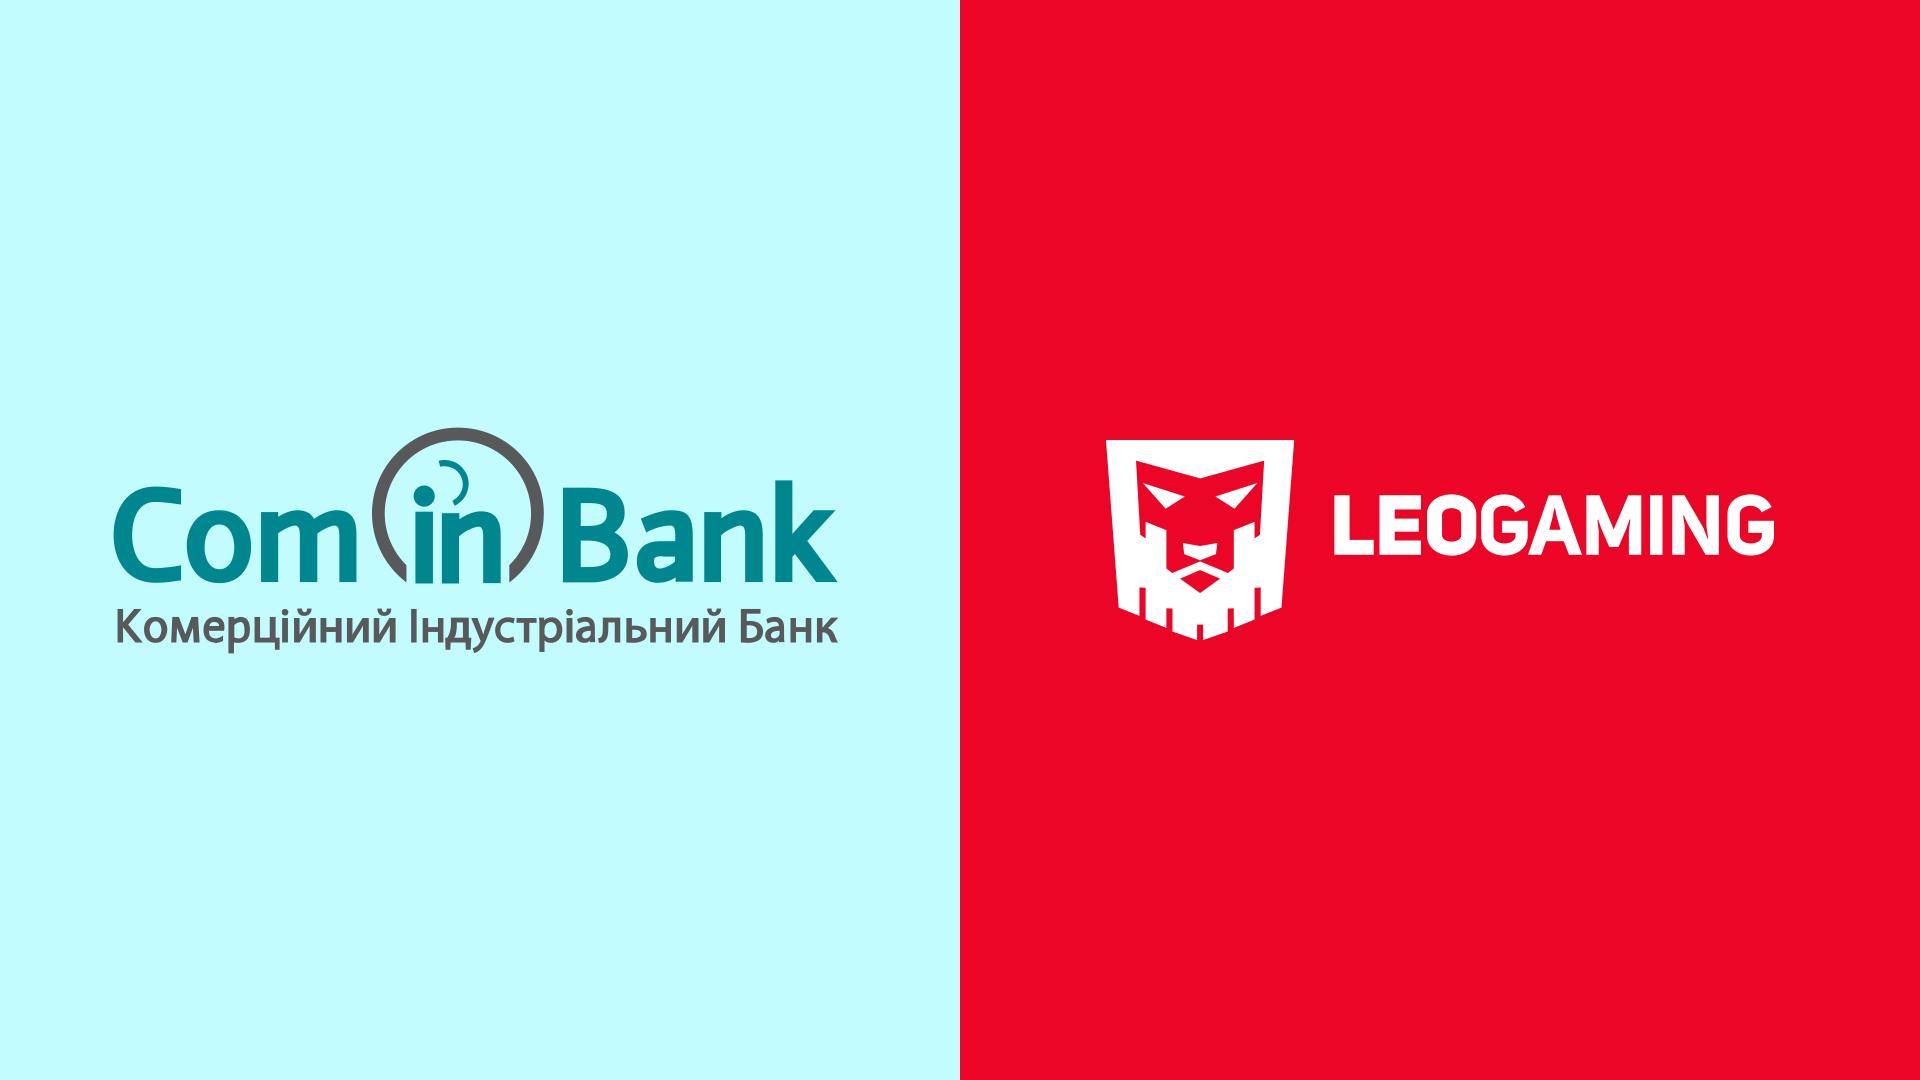 Com In Bank стал участником международной платежной системы LEO